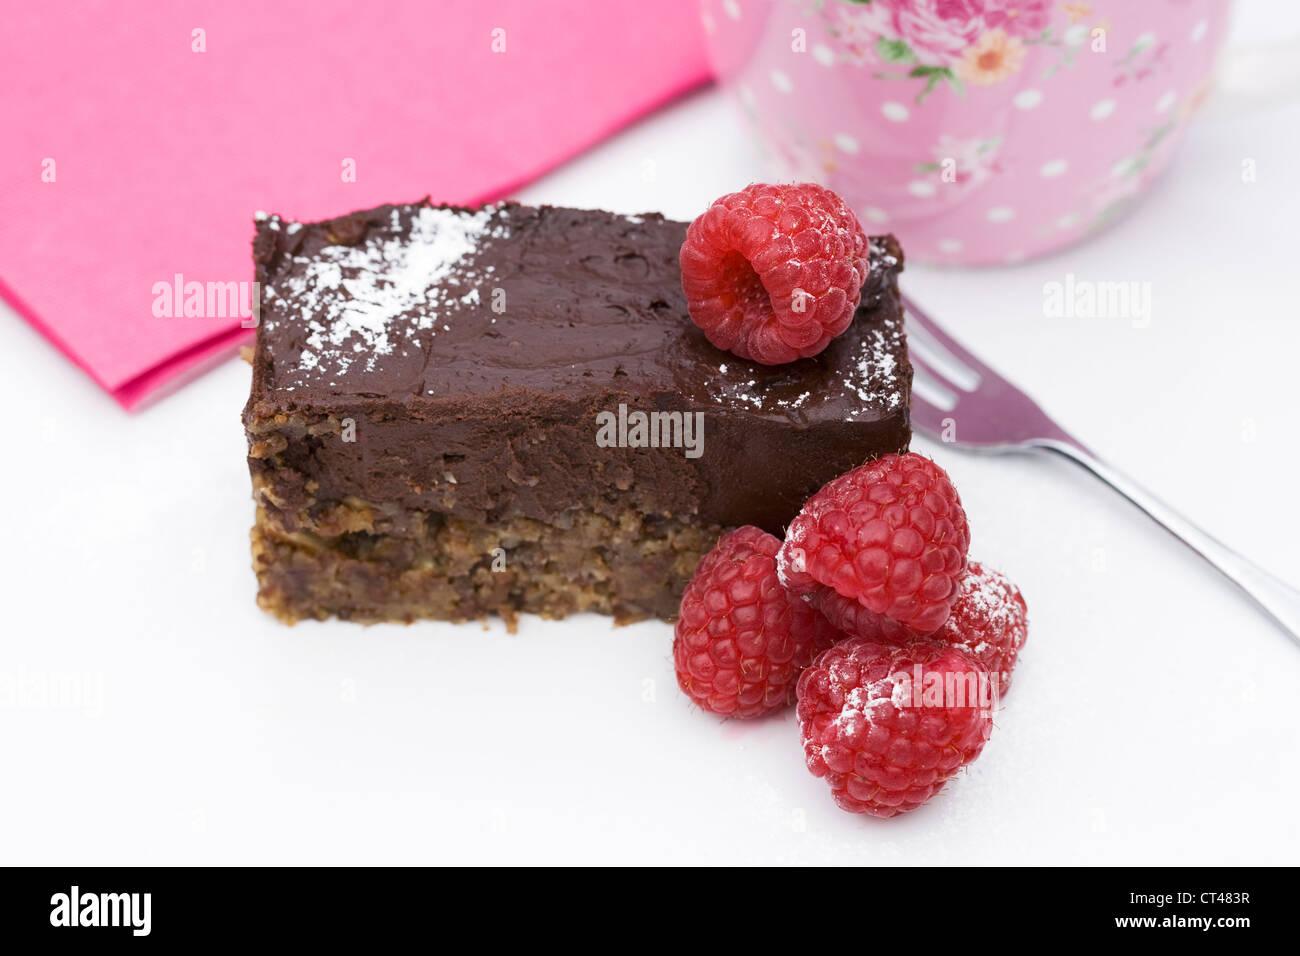 Une tranche de tarte au chocolat avec des framboises. Photo Stock